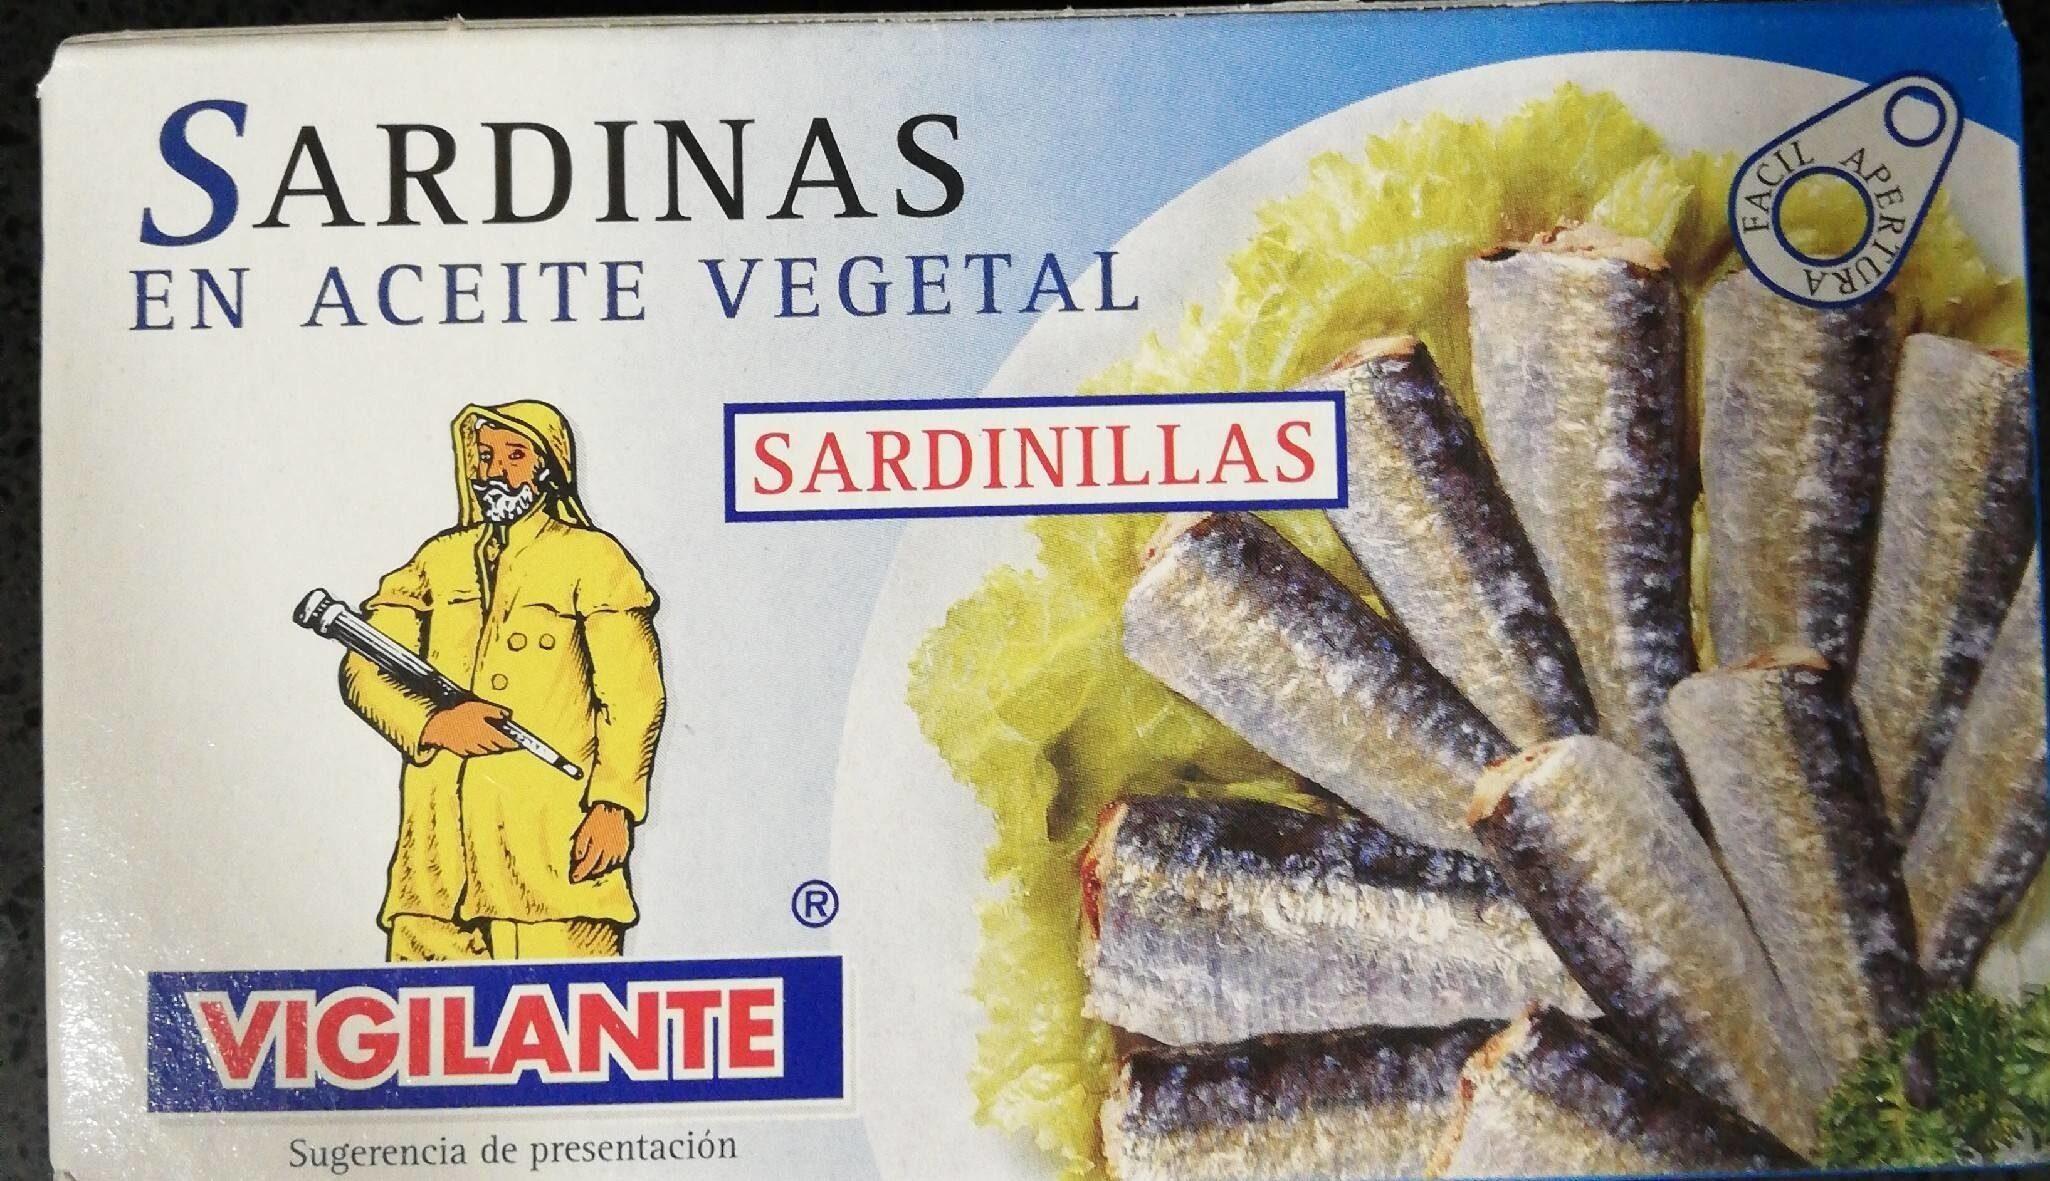 Sardinas en aceite vegetal - Producto